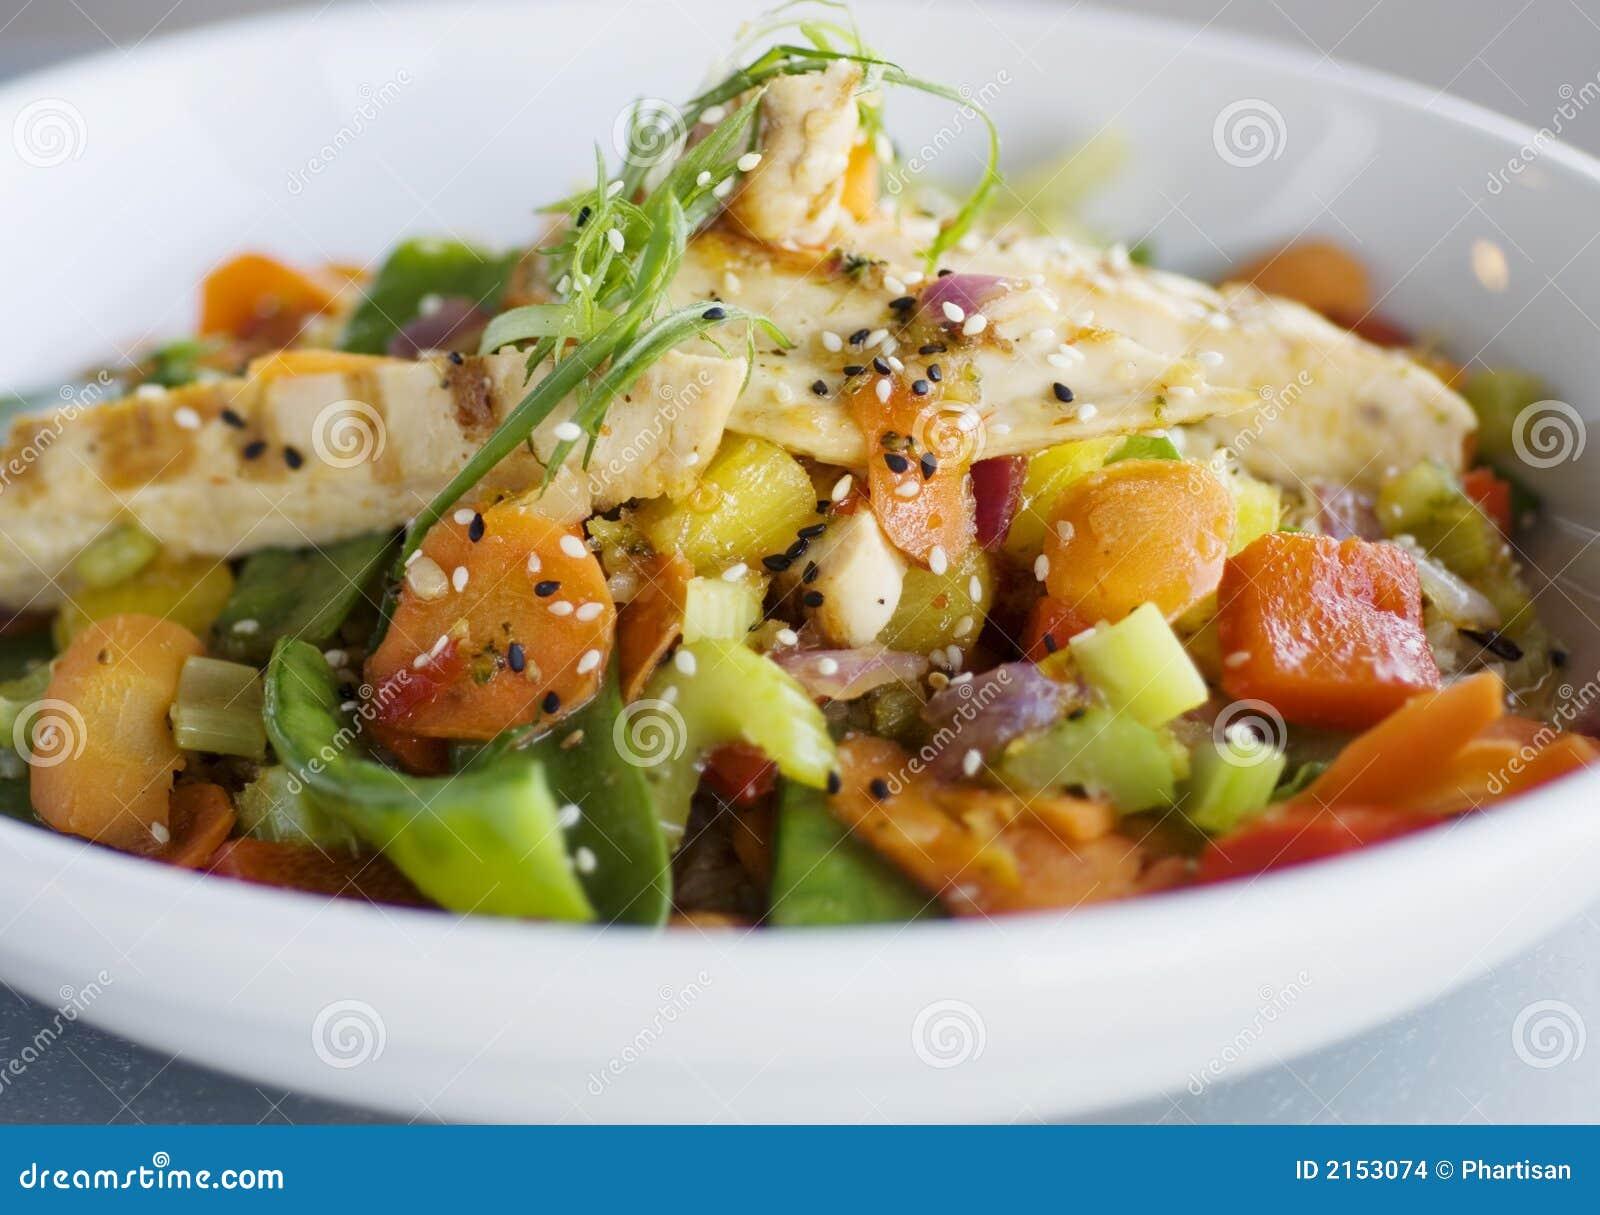 Pyszne jedzenie zdrowe